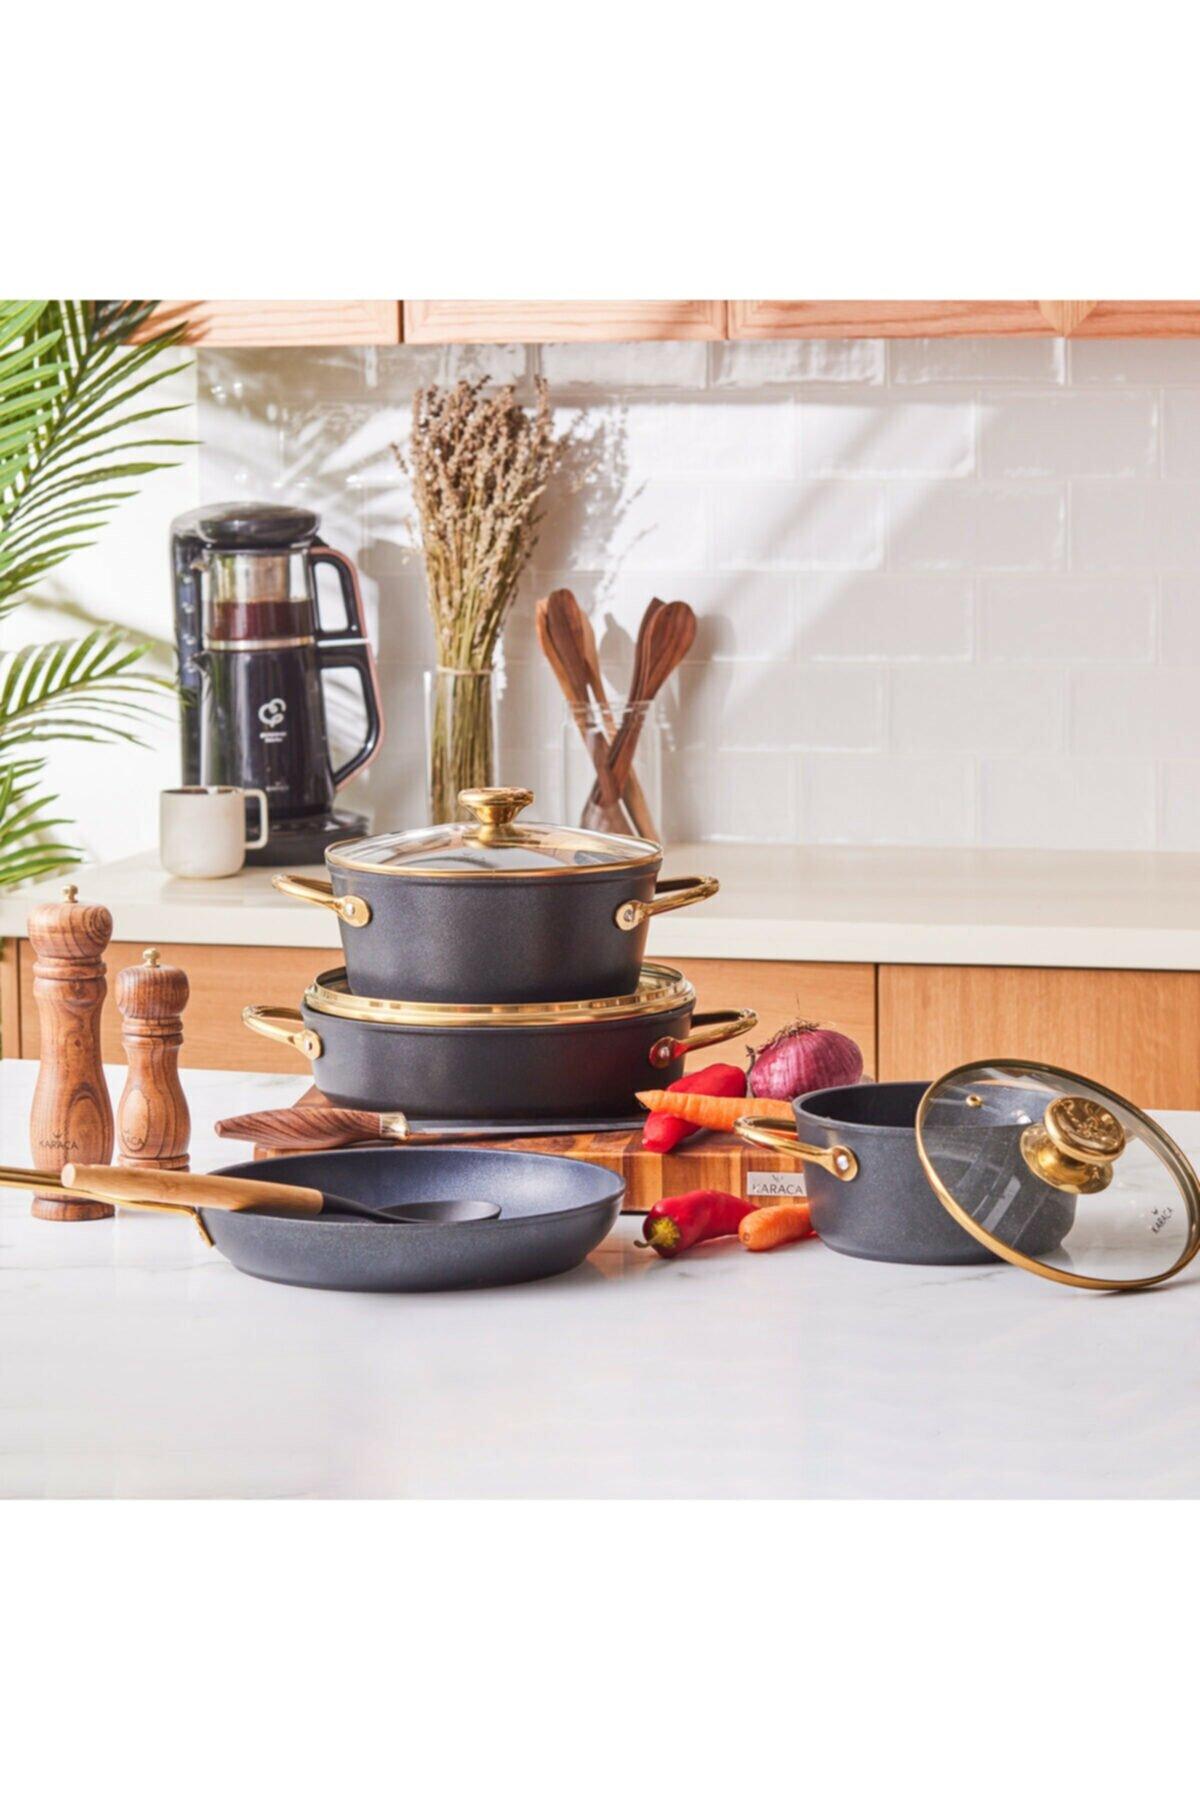 بيو دايموند باور 7 قطعة تجهيزات المطابخ الذهبية 2021 مجموعة أواني الطهي والمقالي طقم حلل استانلس ستيل غير لاصقة جميع المواقد بما في ذلك الحث